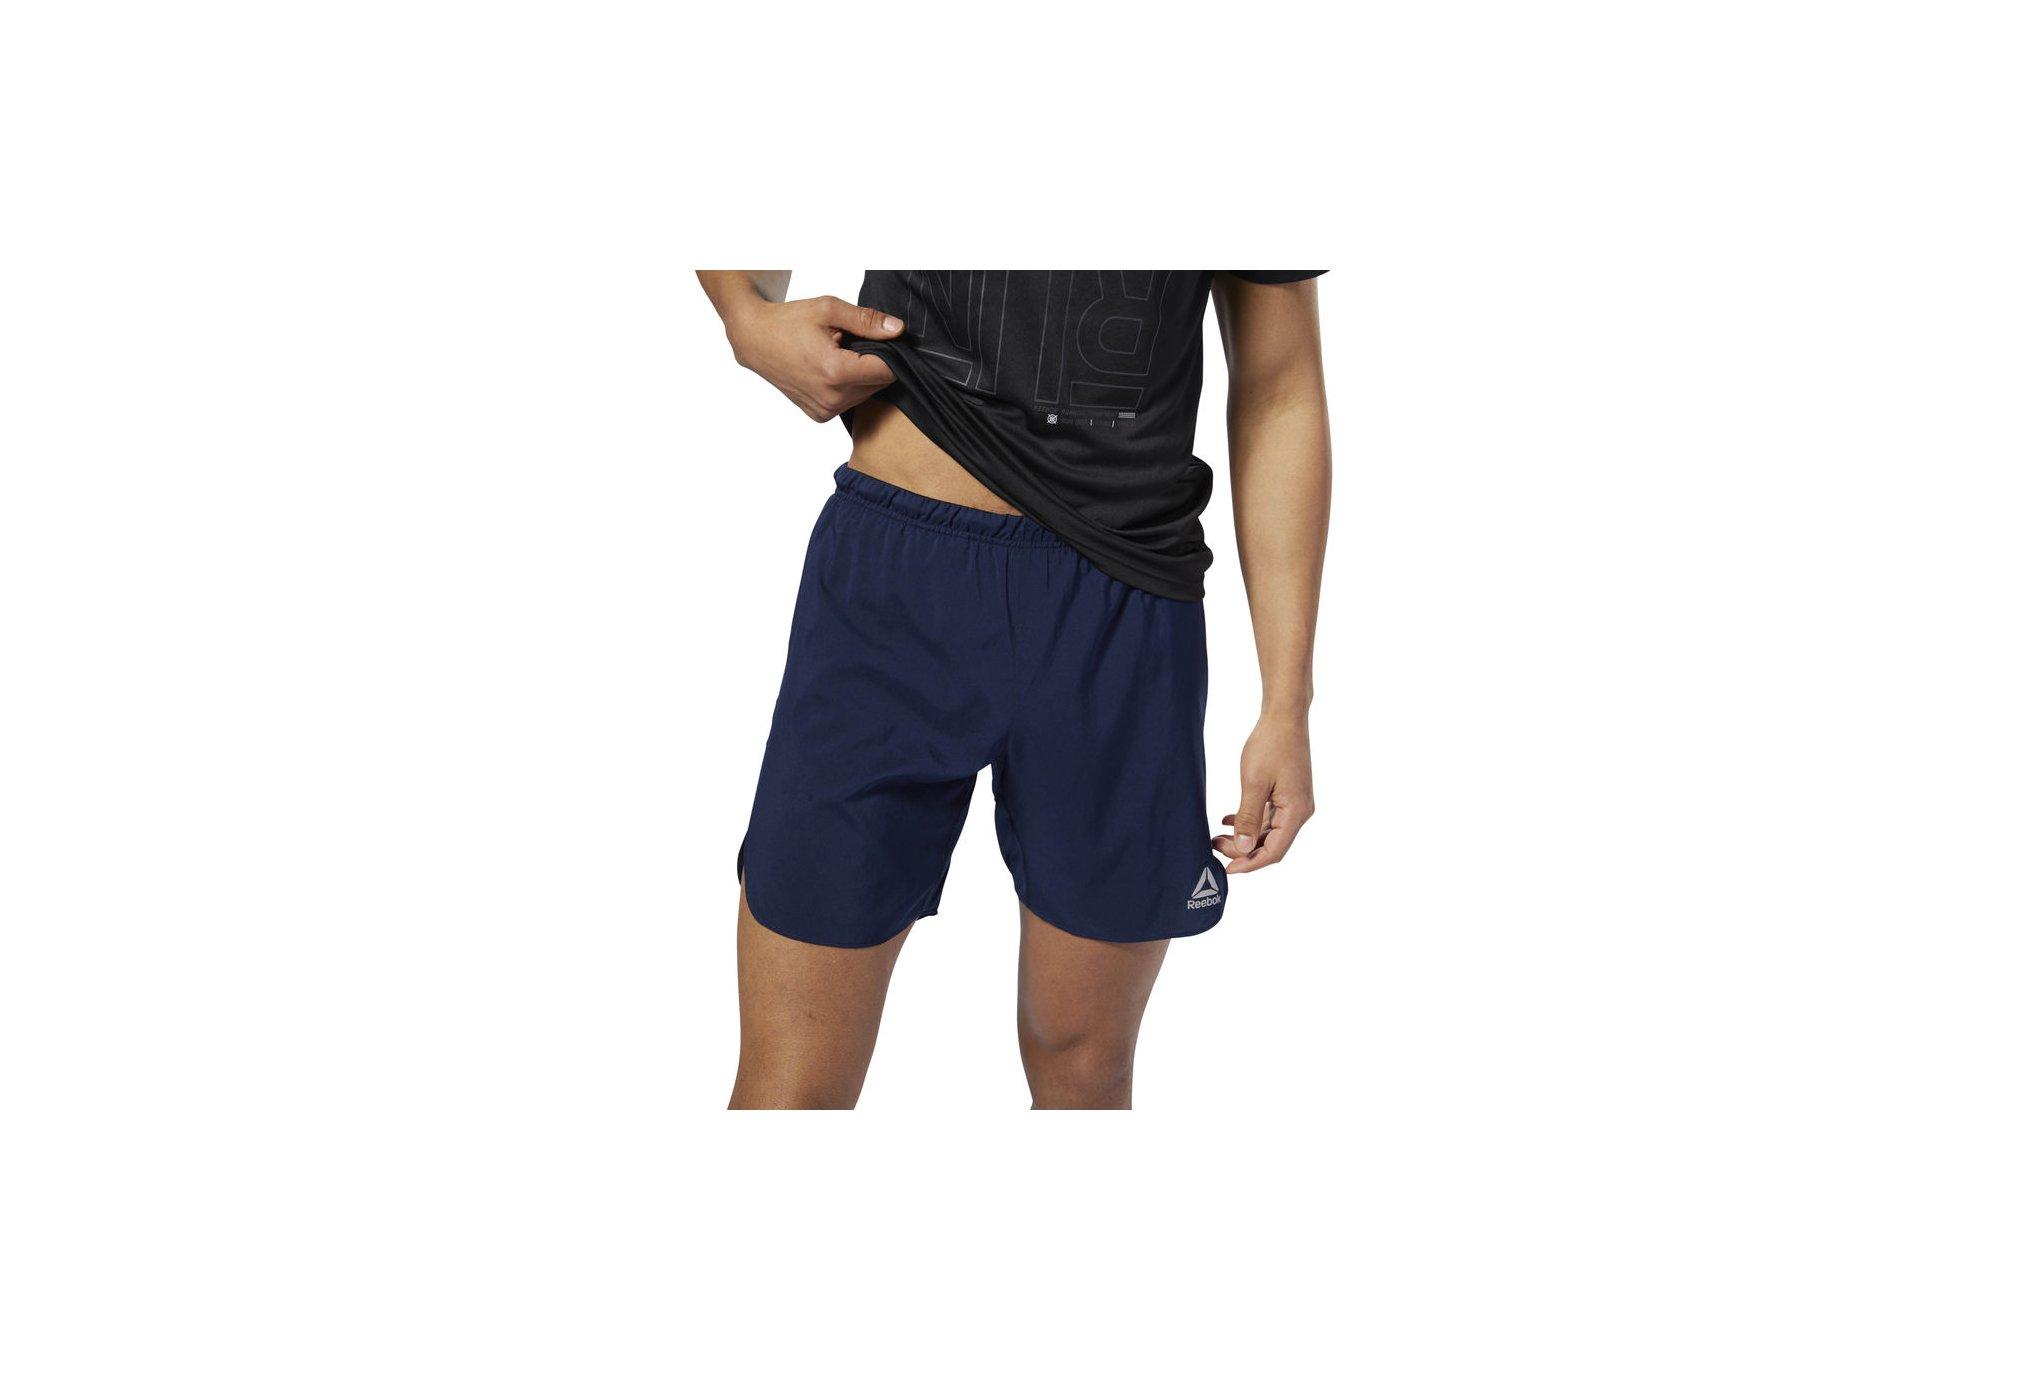 Reebok Short M vêtement running homme